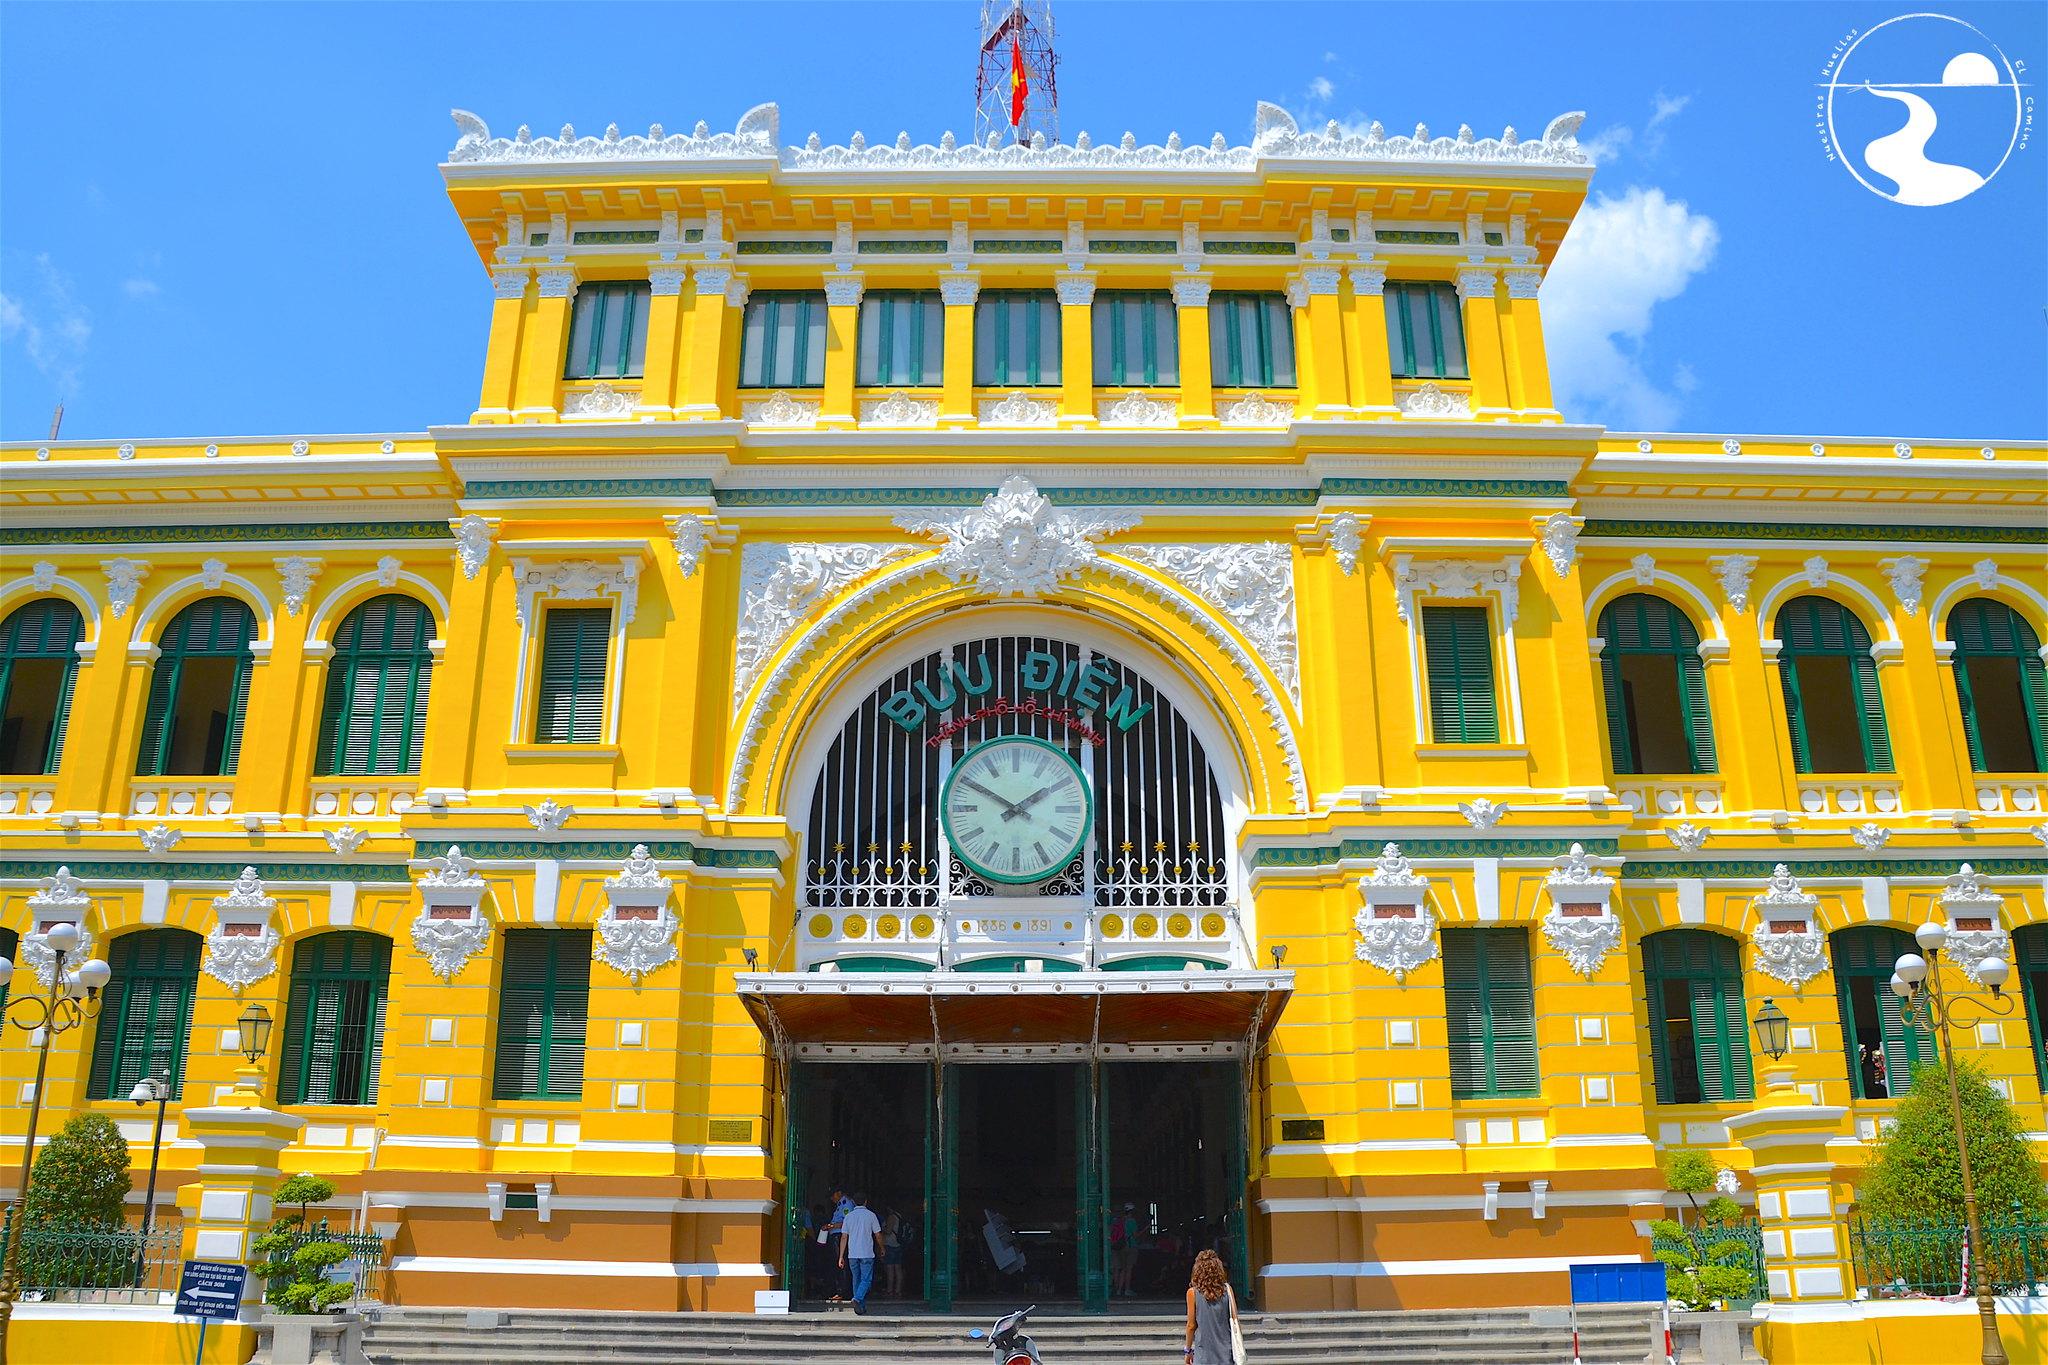 Oficinas centrales de correos, Saigon